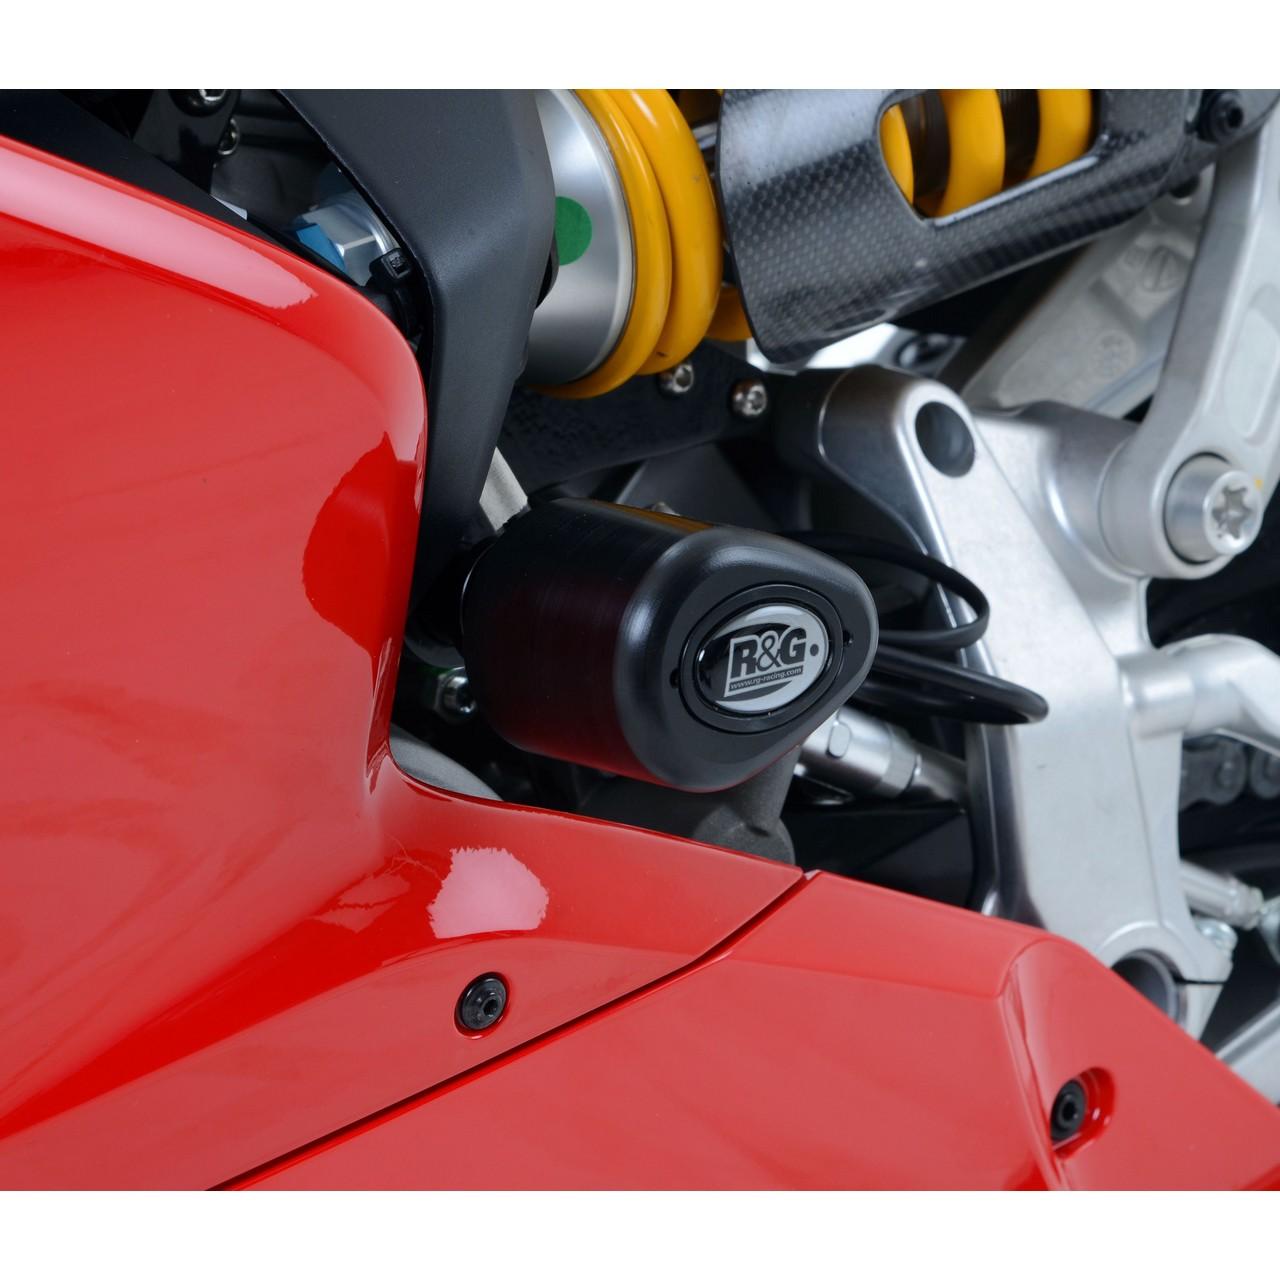 【R&G】Crash 車身保護滑塊 (防倒球 - Aero Style【無孔】)